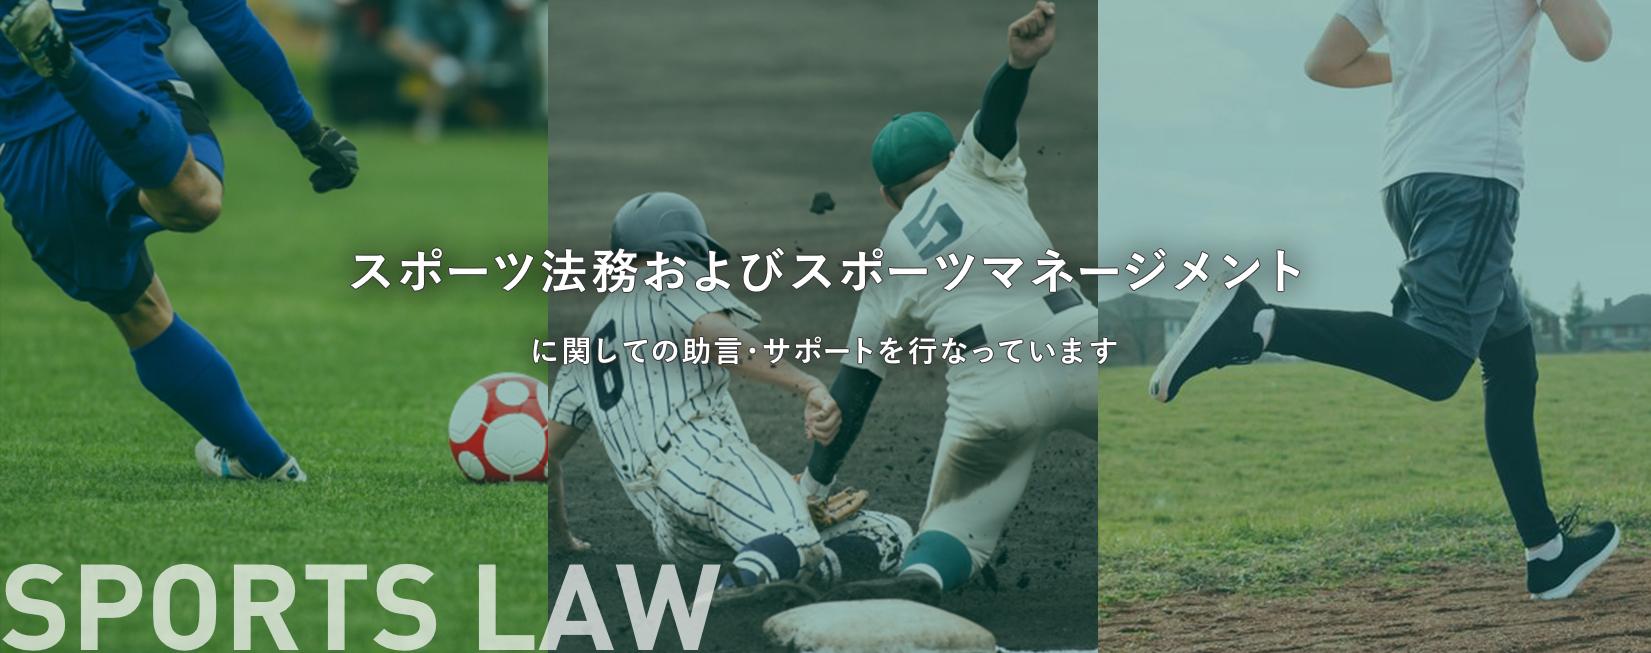 スポーツ法務およびスポーツマネージメントに関しての助言・サポートを行なっています